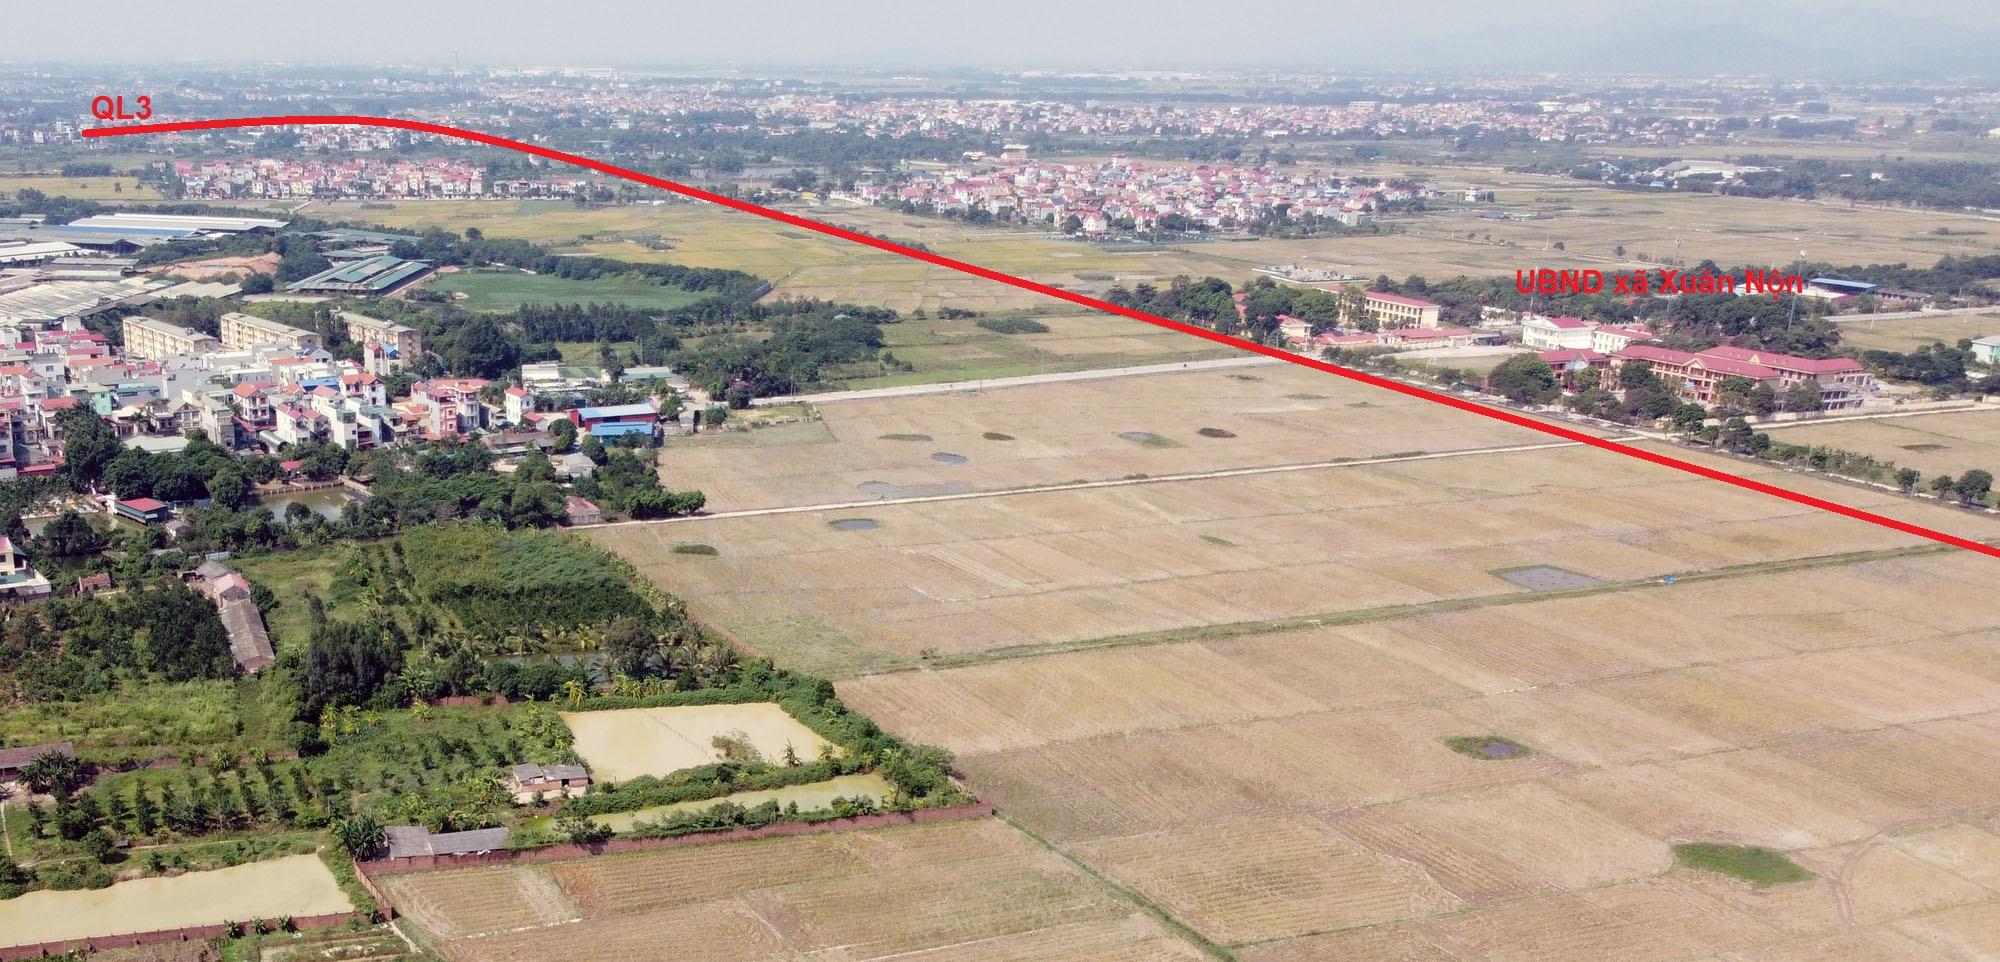 Ba đường sẽ mở theo qui hoạch ở xã Xuân Nộn, Đông Anh, Hà Nội - Ảnh 12.